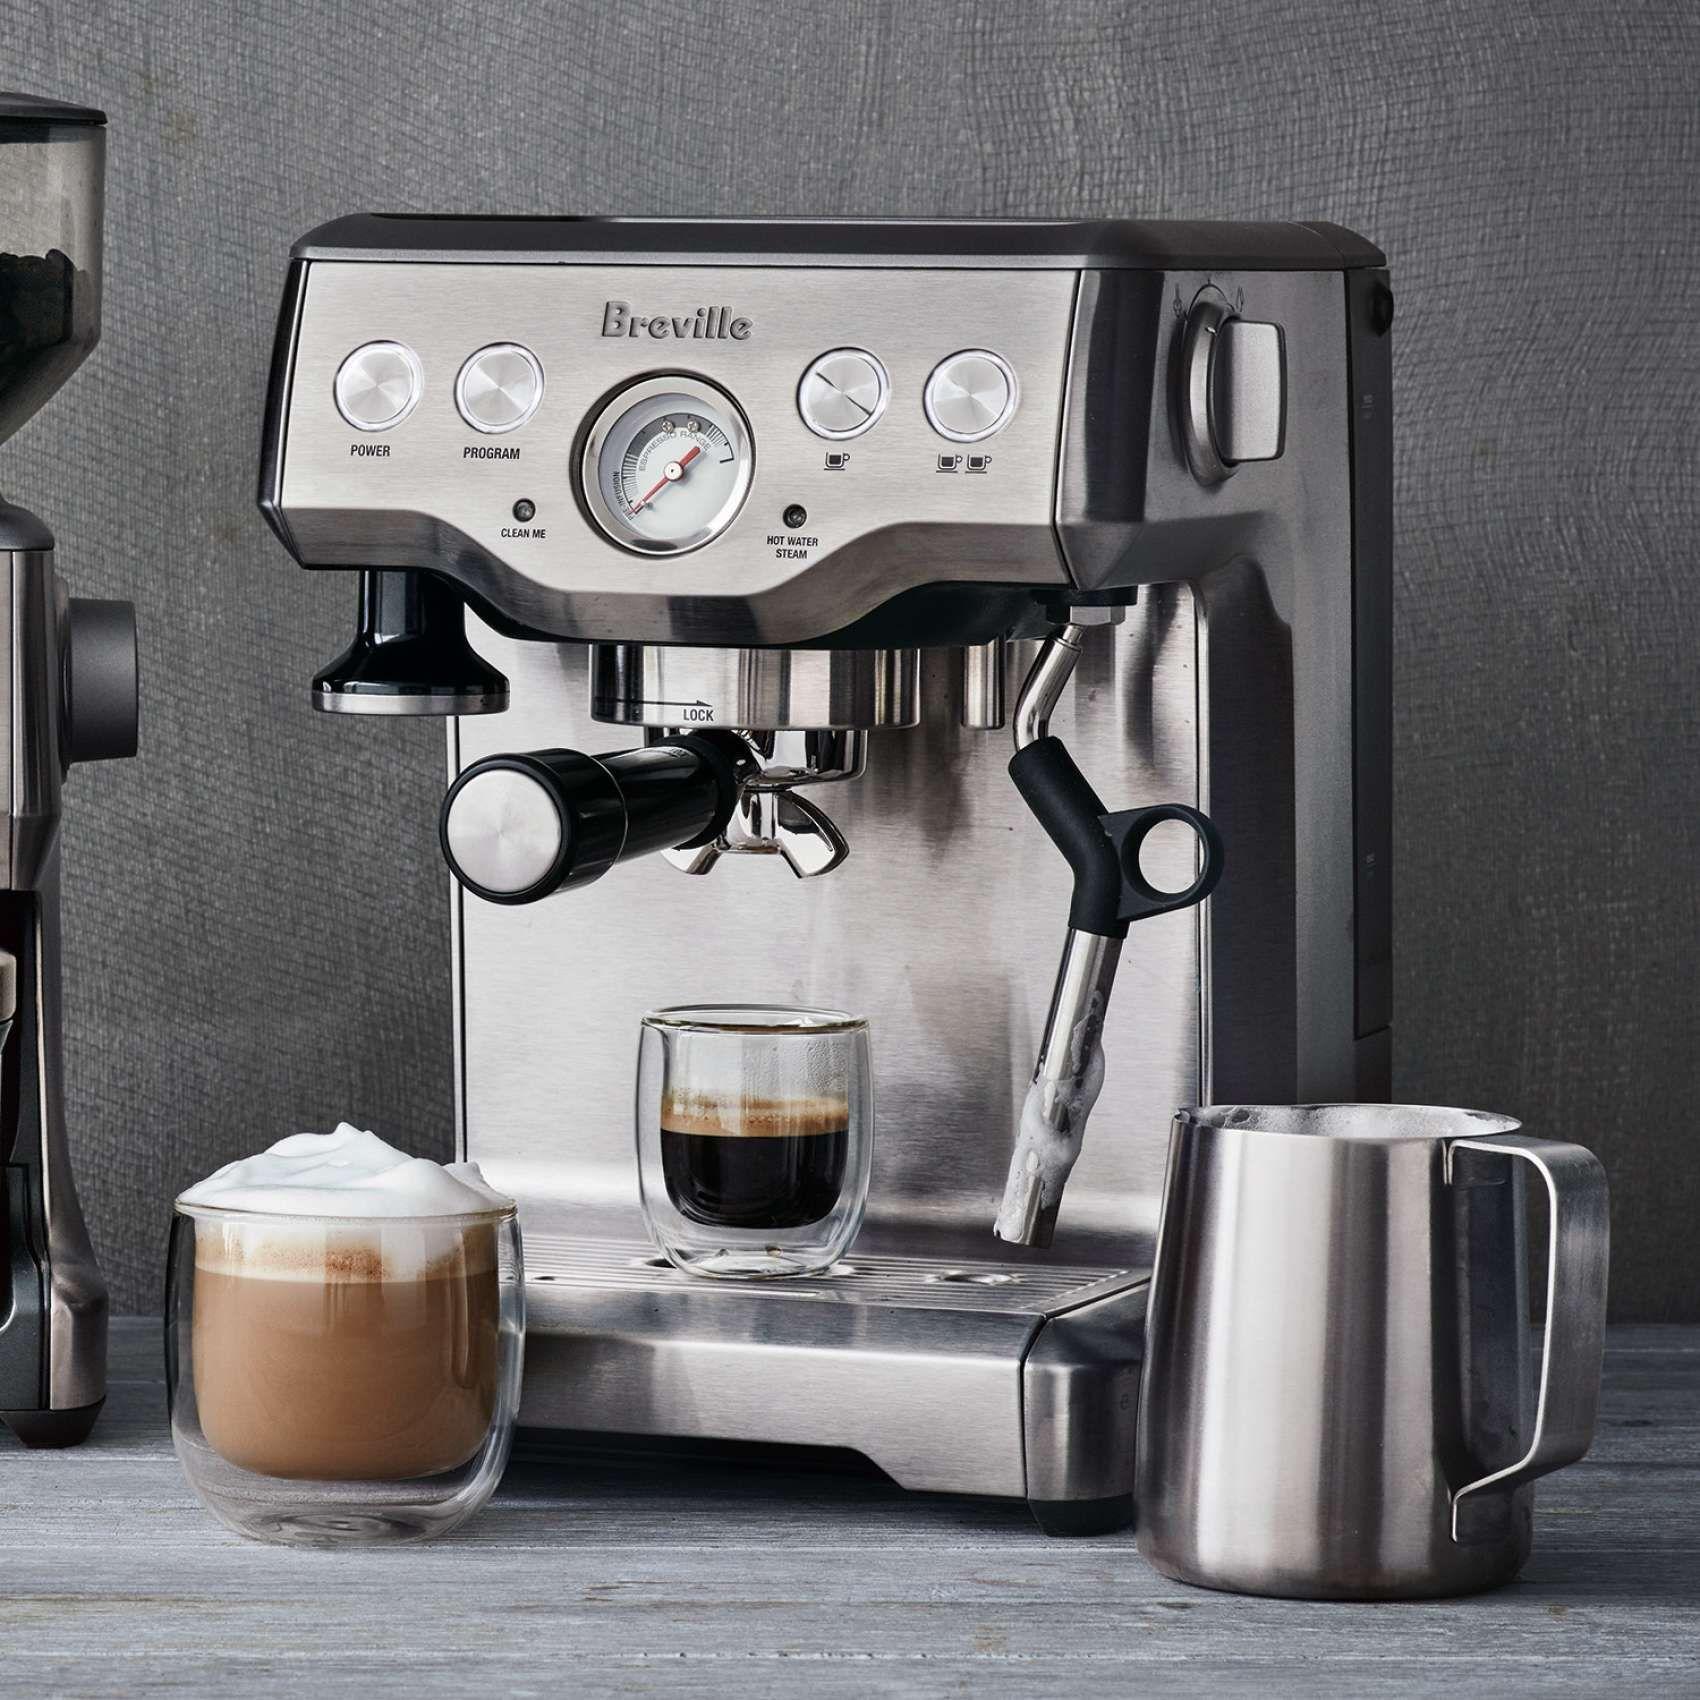 Breville Infuser Espresso Machine Best espresso machine